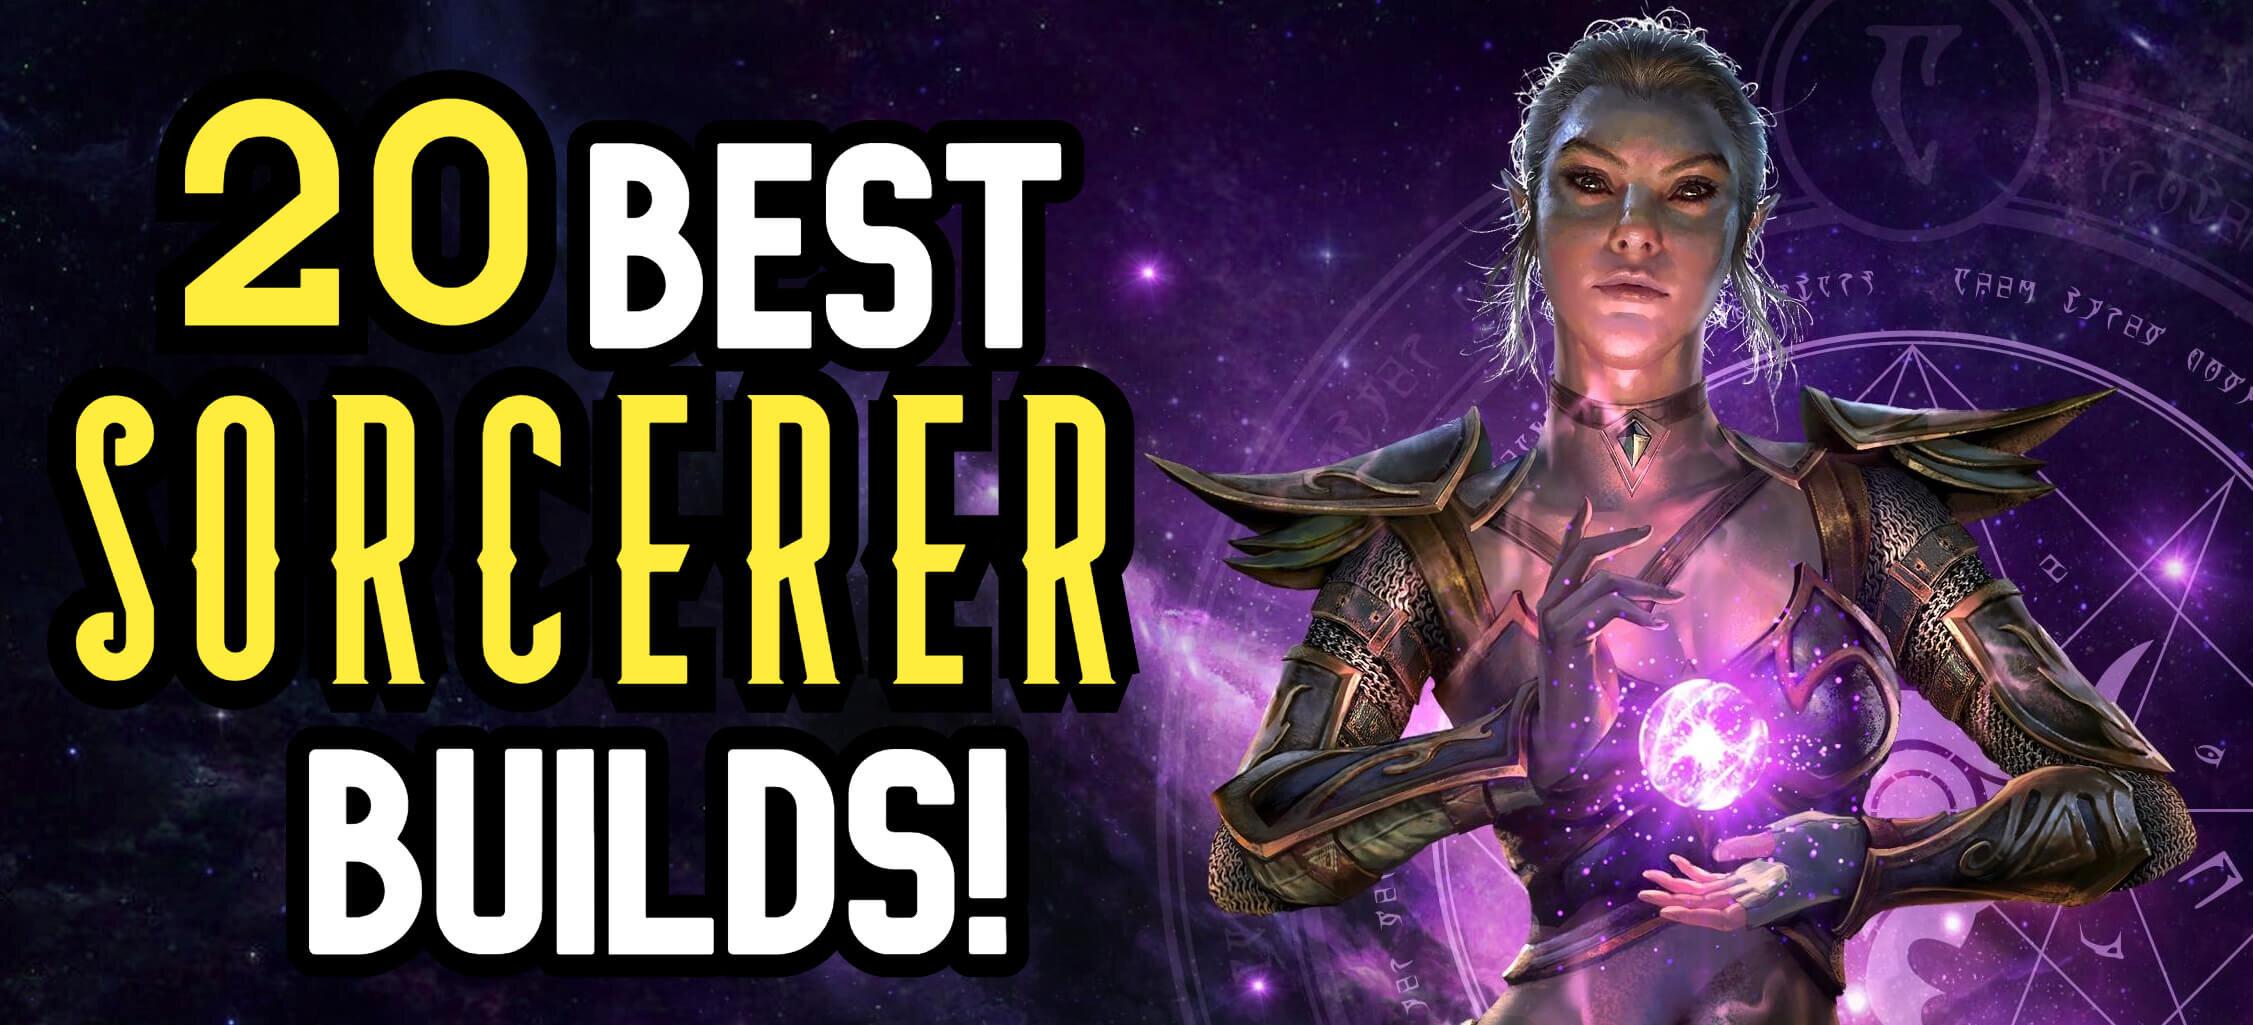 20-best-sorcerer-builds (1).jpg